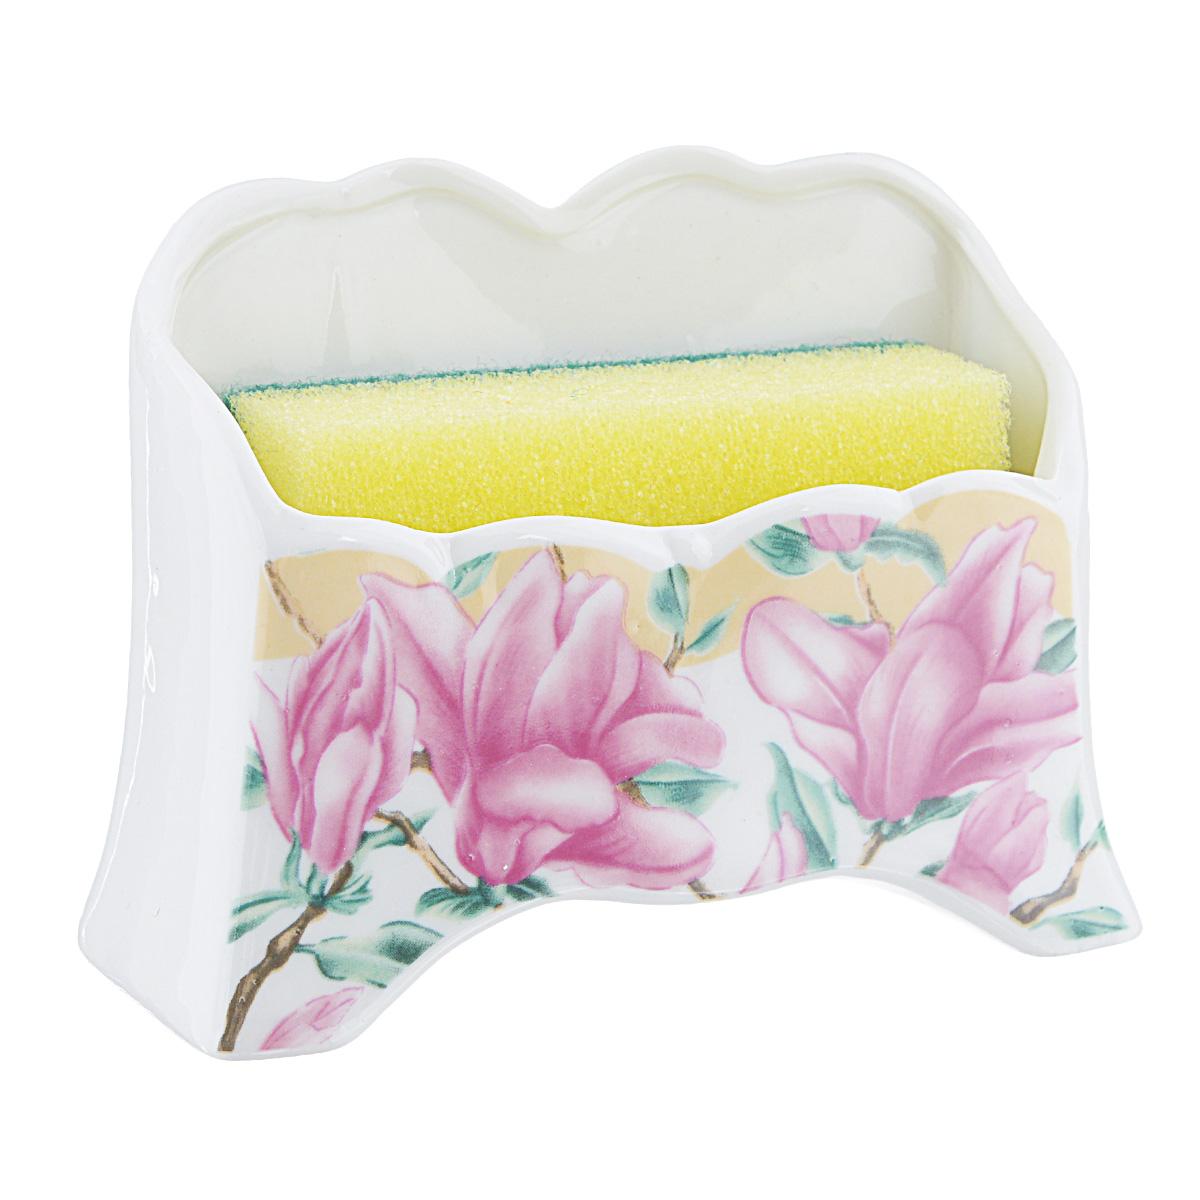 Набор для мытья посуды Saguro Розовая магнолия, 2 предмета532-230Подставка Saguro Розовая магнолия изготовлена из высококачественного фарфора и оформлена изображением цветов. В комплект с подставкой входит губка для мытья посуды. Изящная подставка прекрасно впишется в интерьер вашей кухни. Не применять абразивные моющие средства. Размер подставки: 12,5 см х 5 см х 8,5 см.